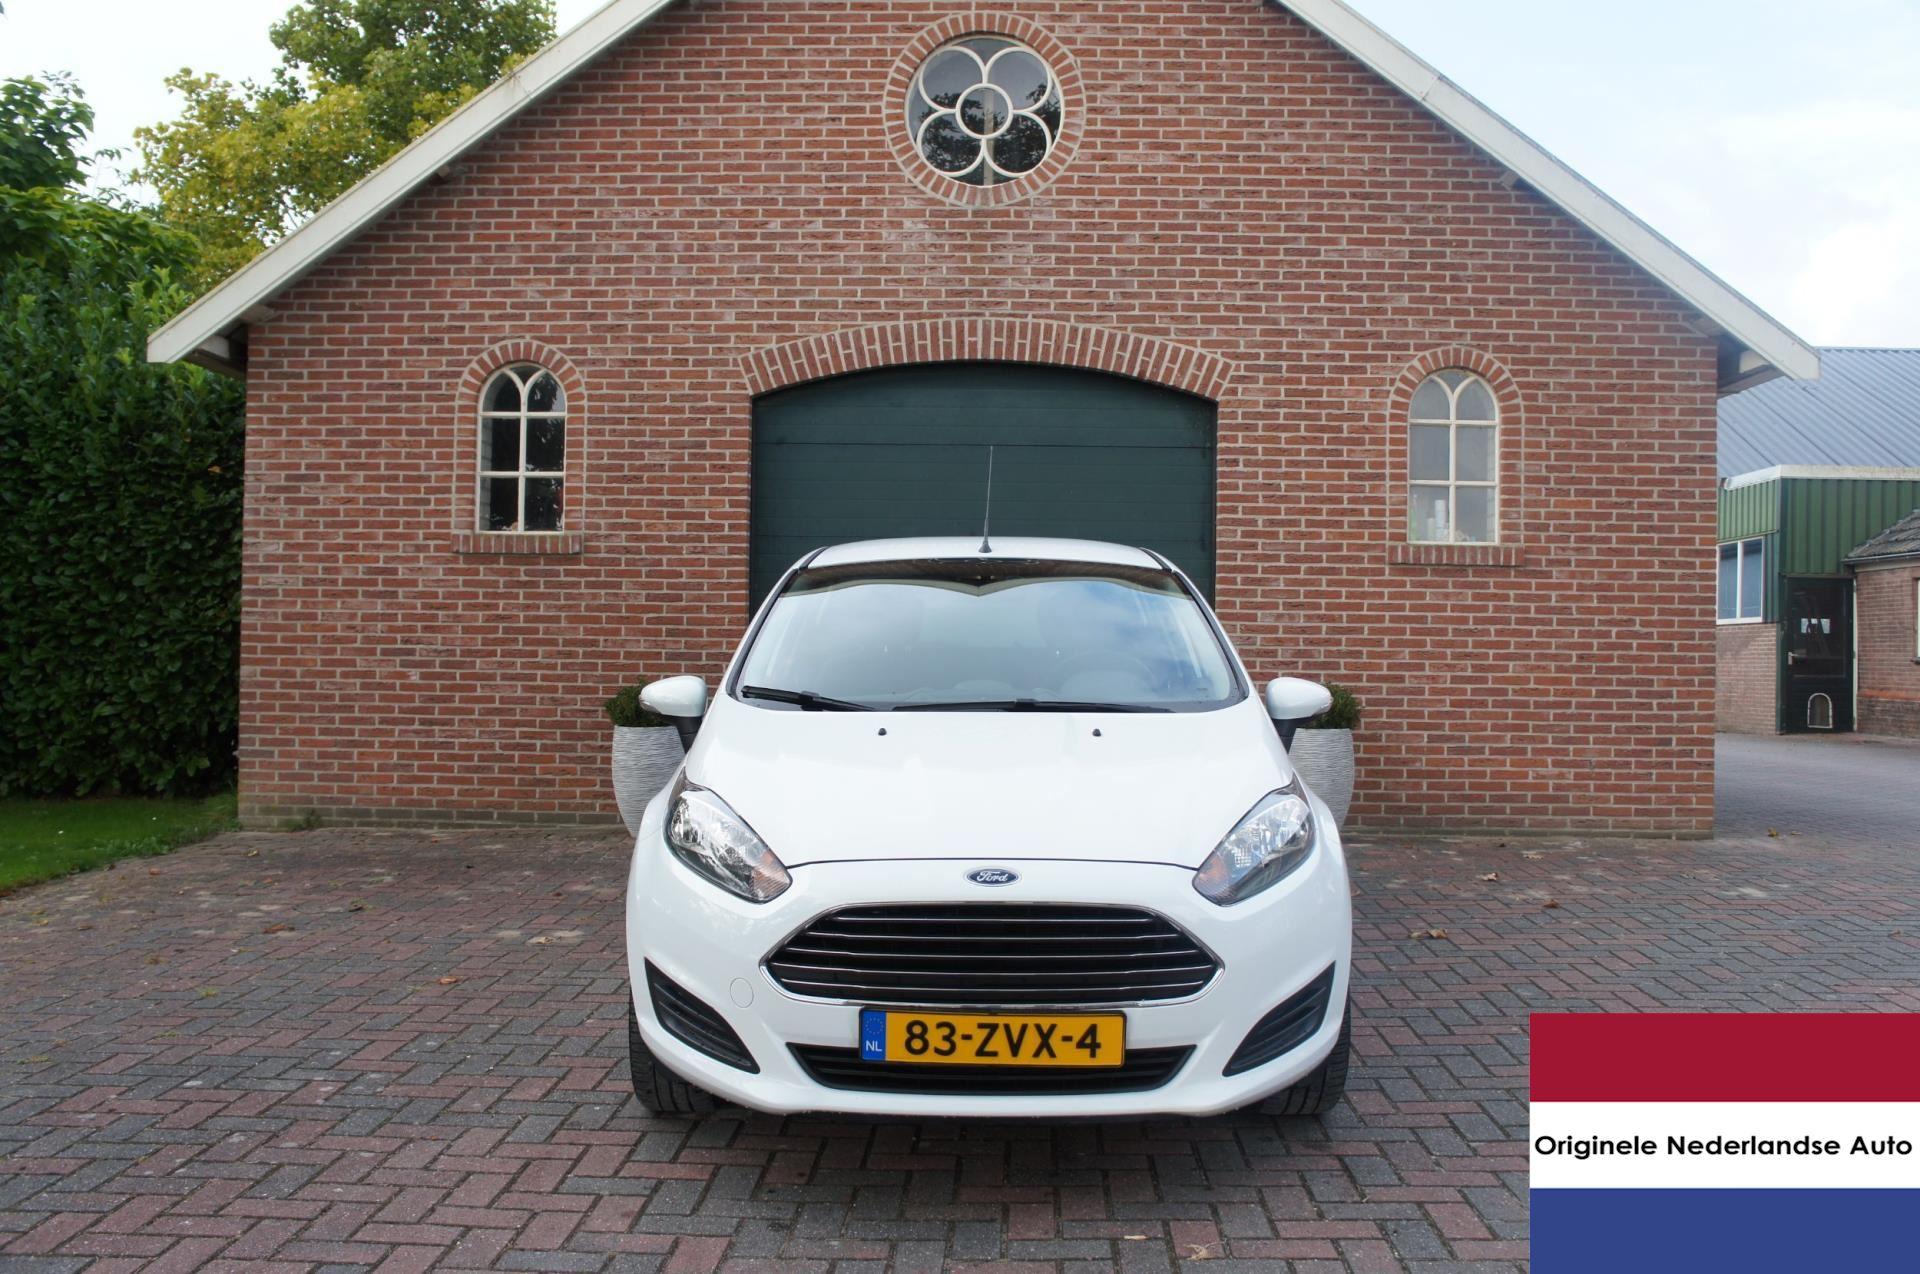 Ford Fiesta occasion - Autobedrijf de Waver